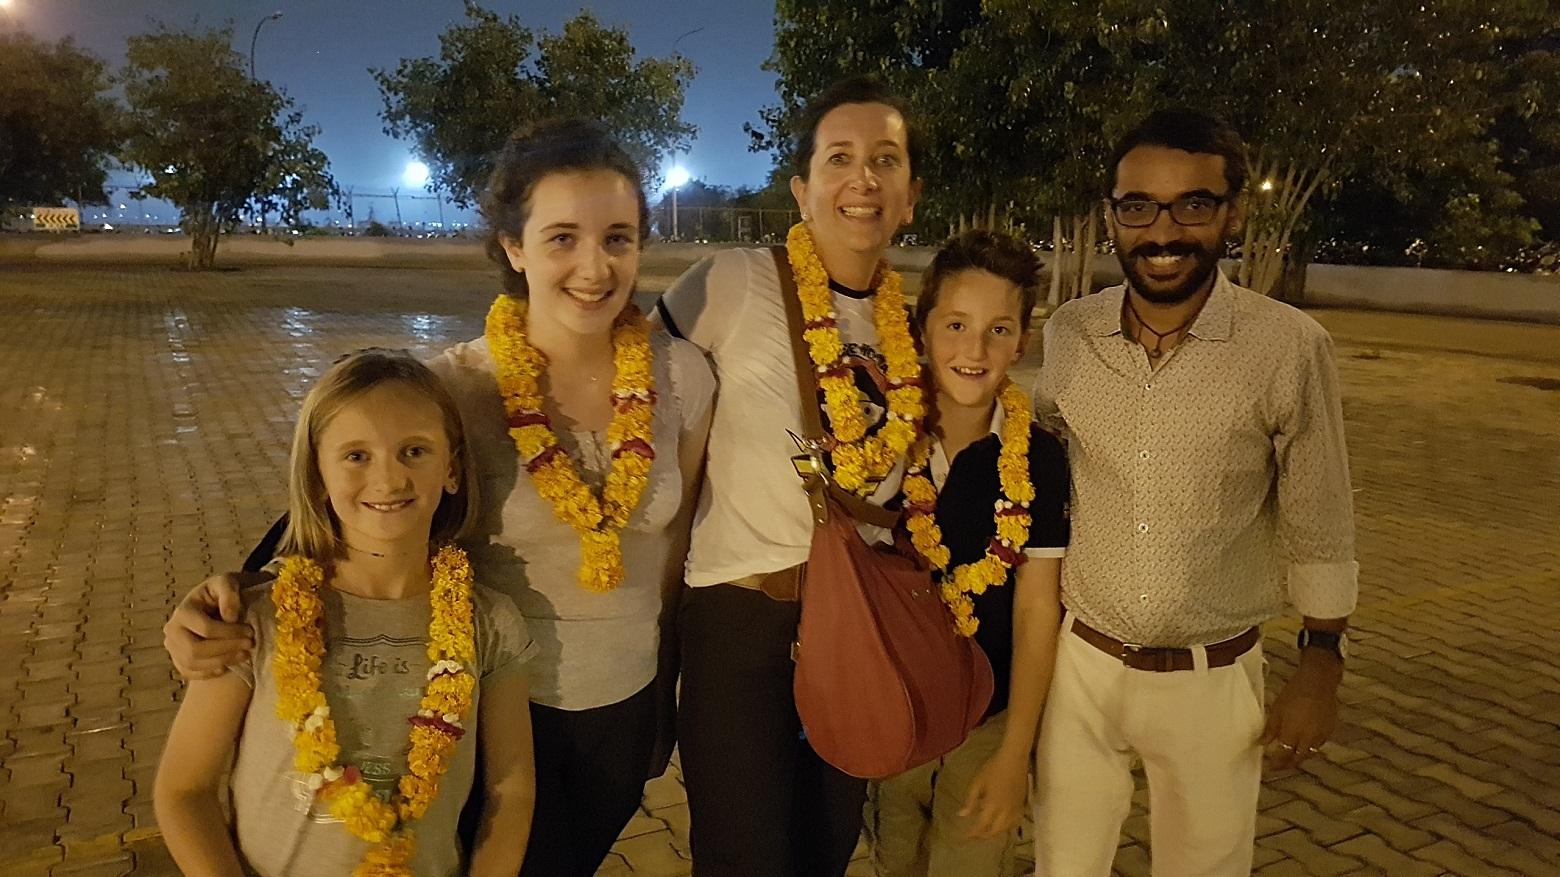 Voyage en Inde, Voyage sur mesure en Inde, Vacance Inde, Séjour en inde, Circuit en Inde, Jodpur voyage